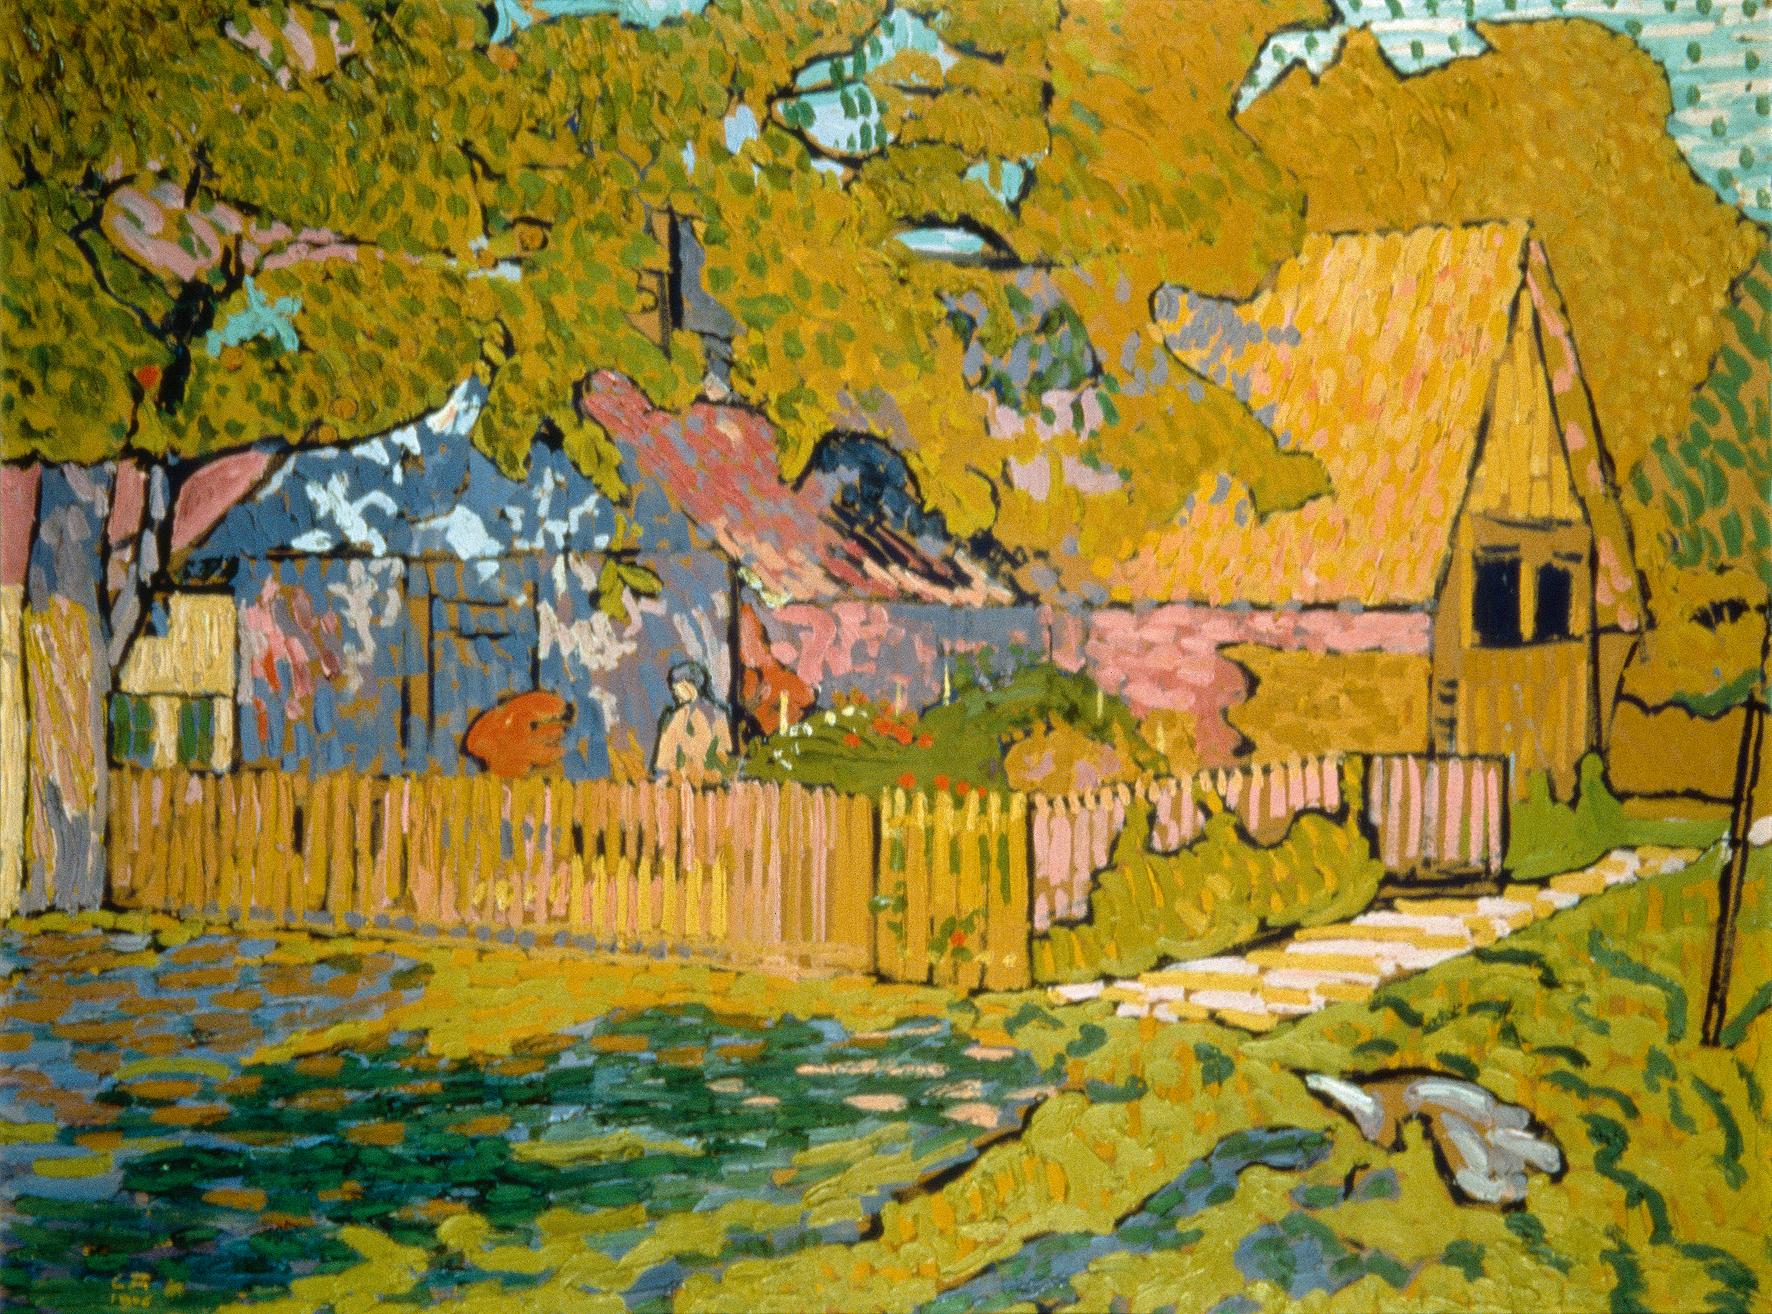 Cuno Amiet, Atelier im Herbst, 1906